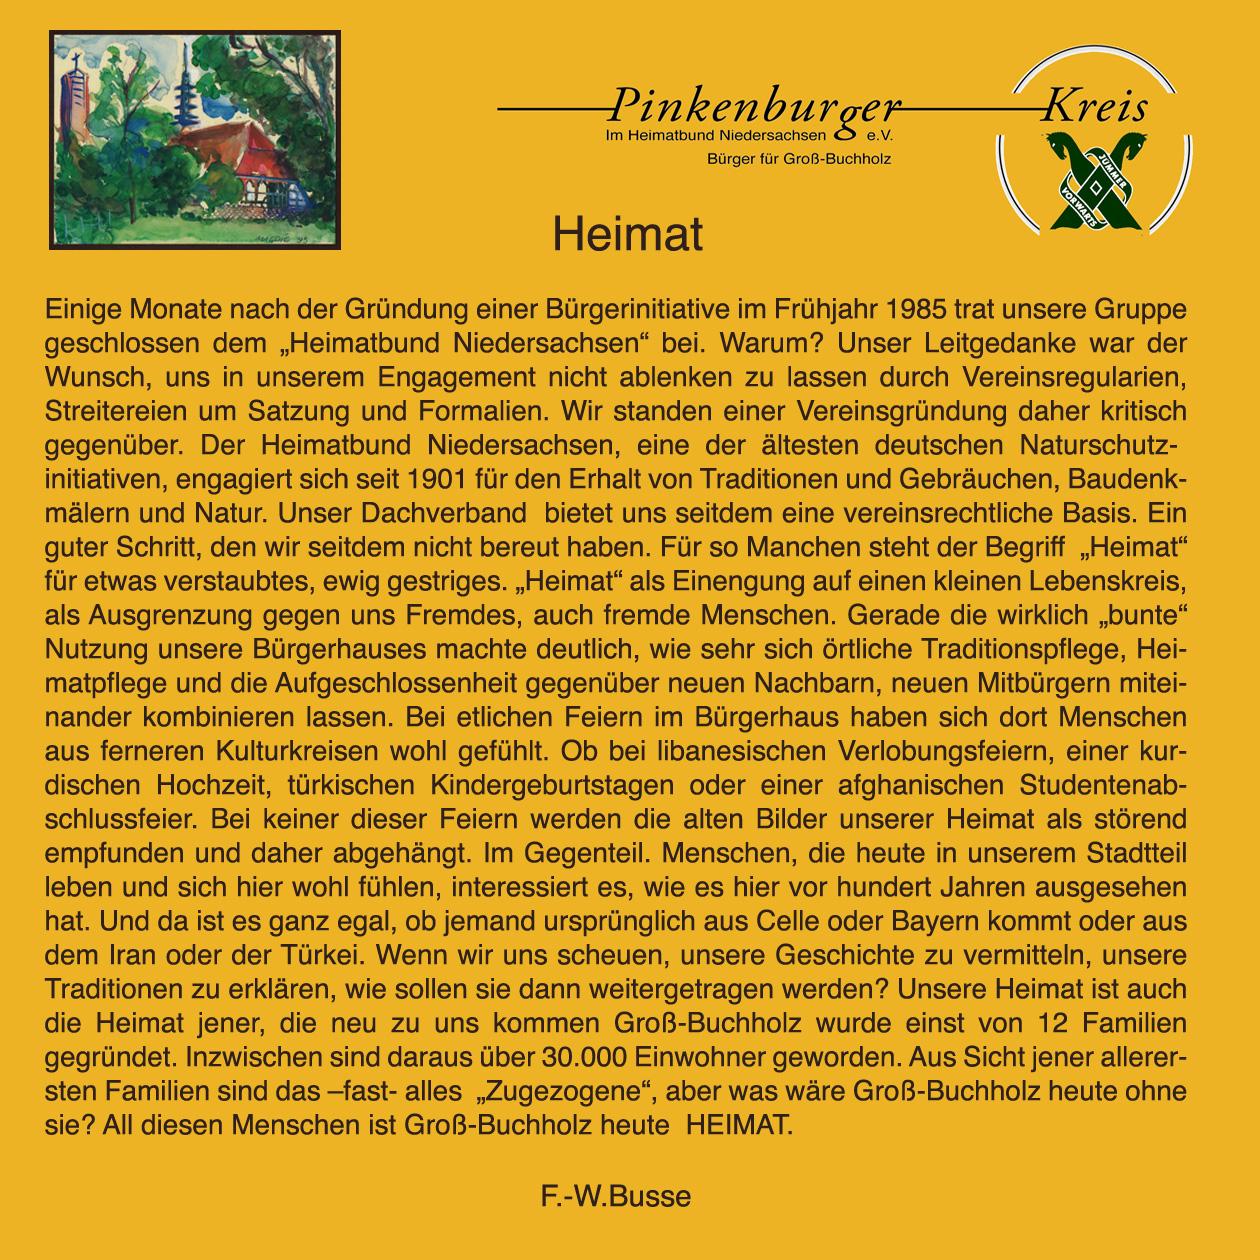 Ein Essay von Friedrich-Wilhelm Busse zum Thema Heimat